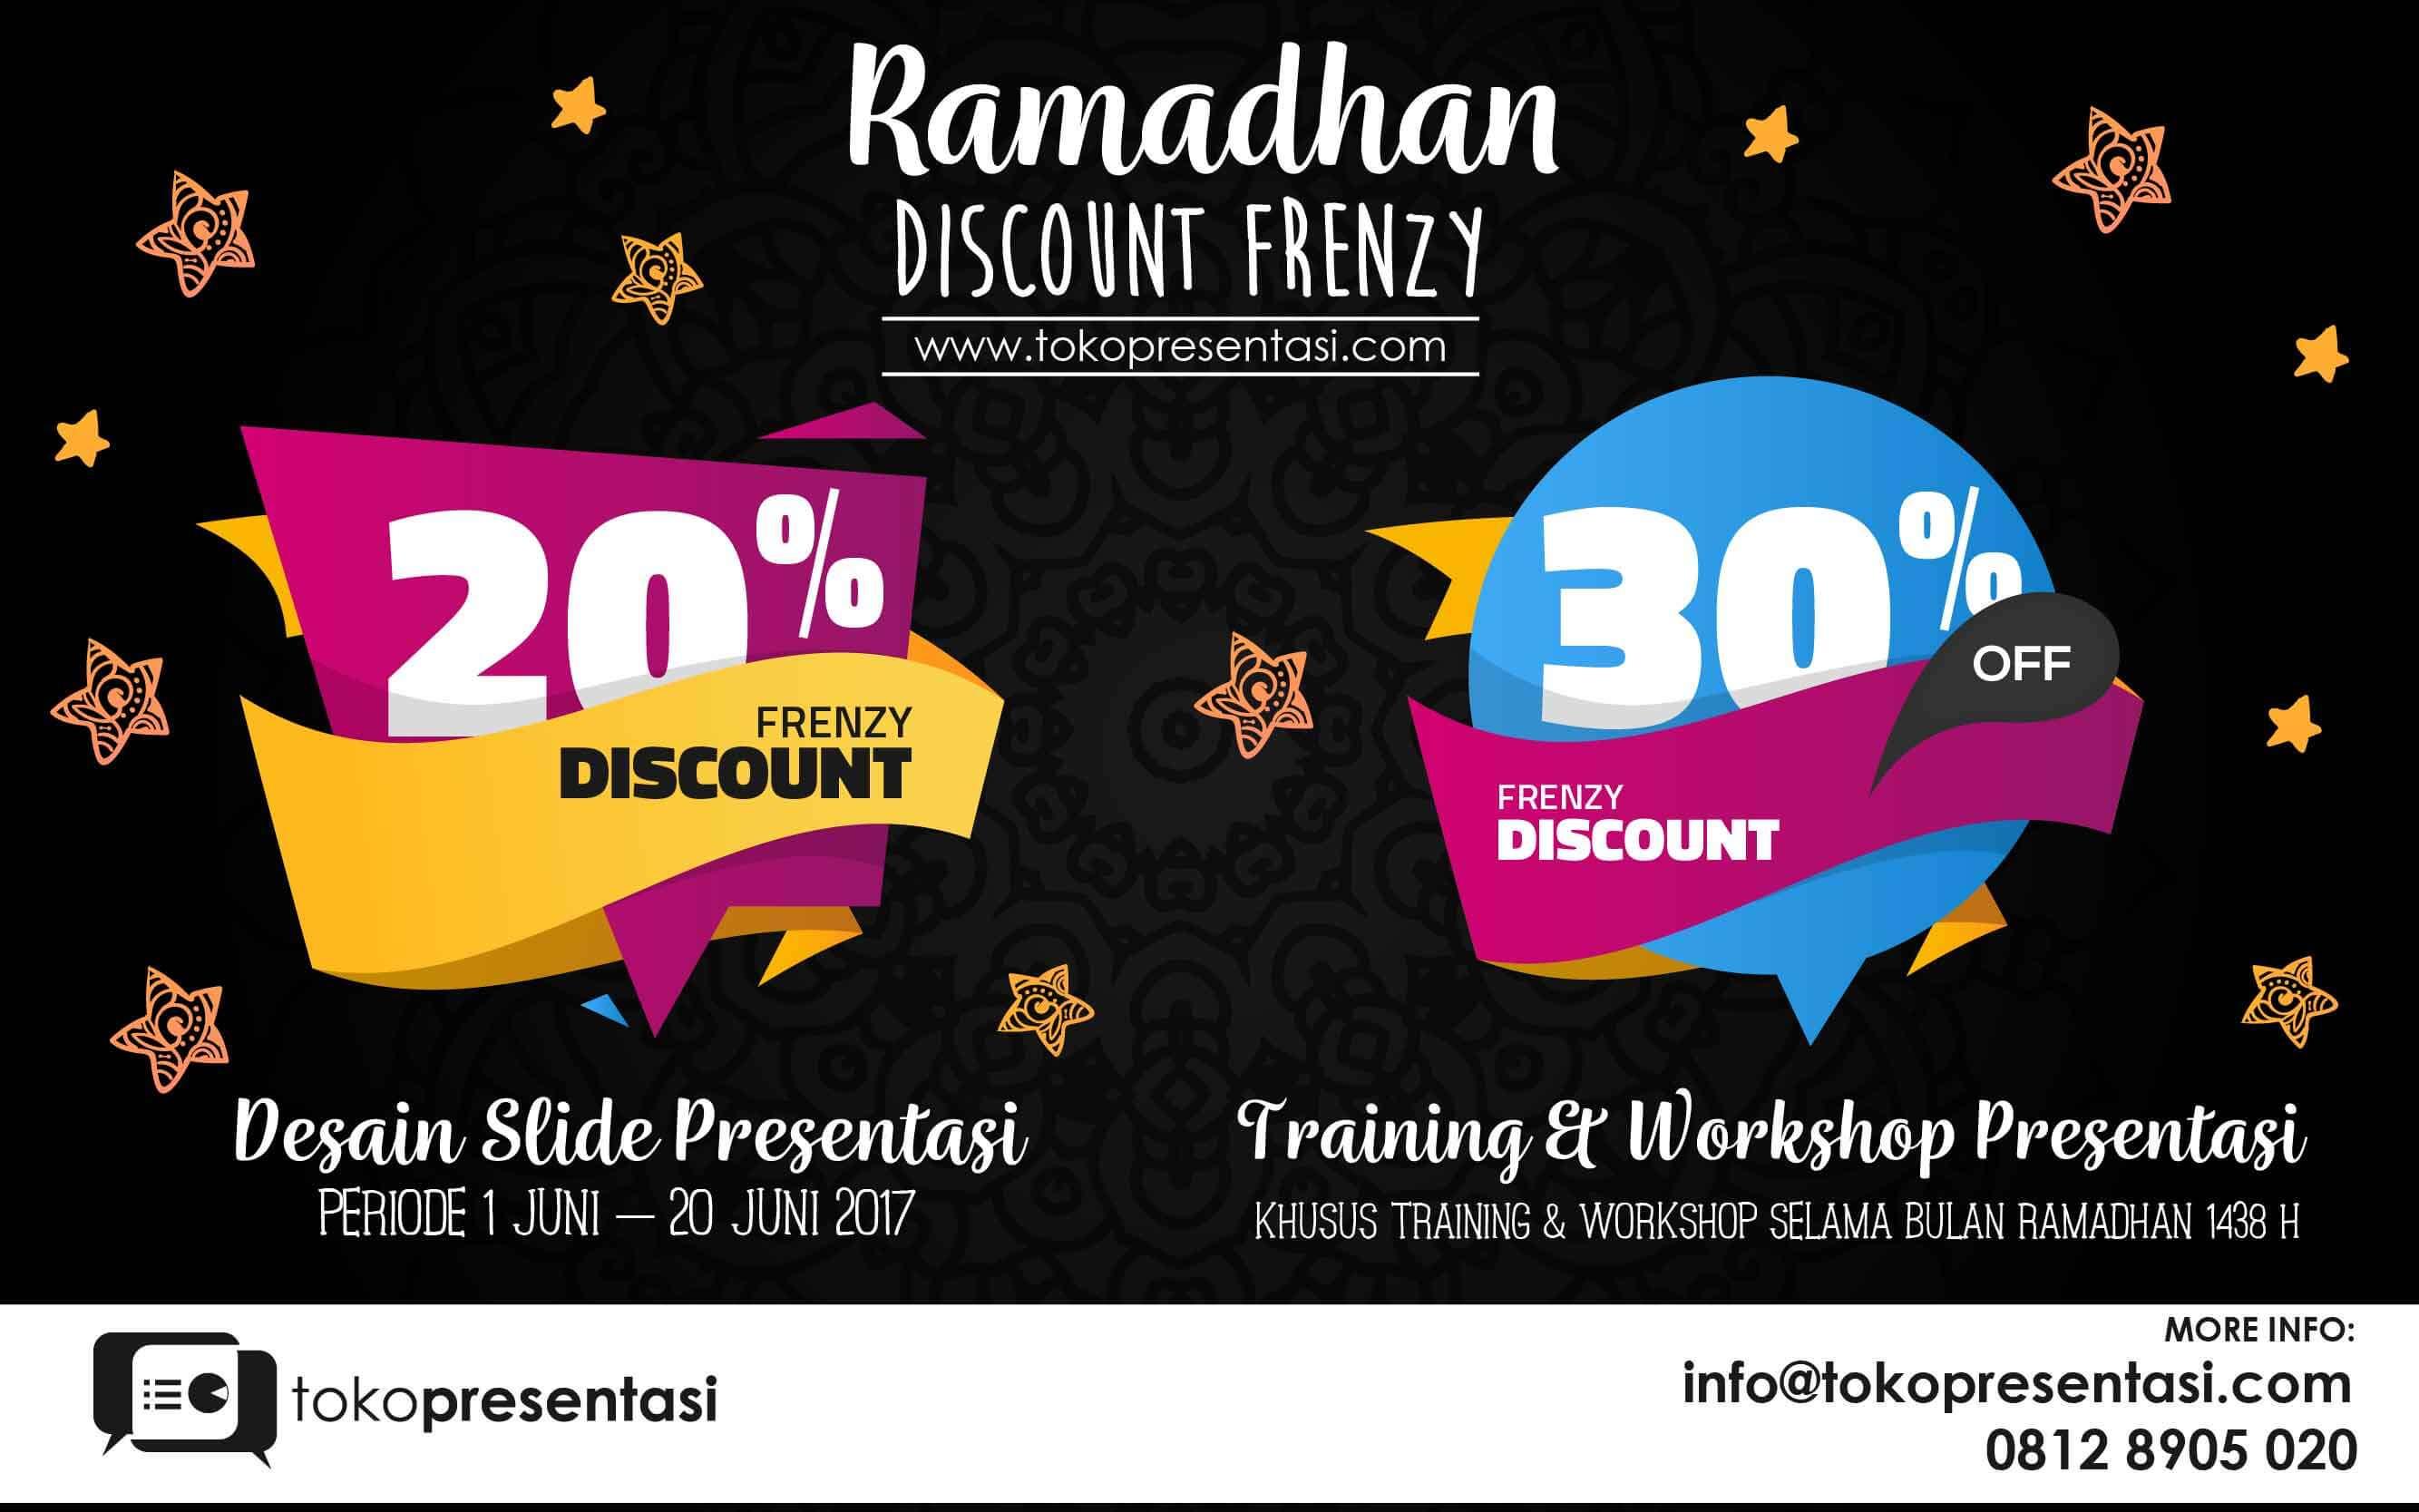 jasa presentasi tokopresentasi.com ramadhan discount frenzy